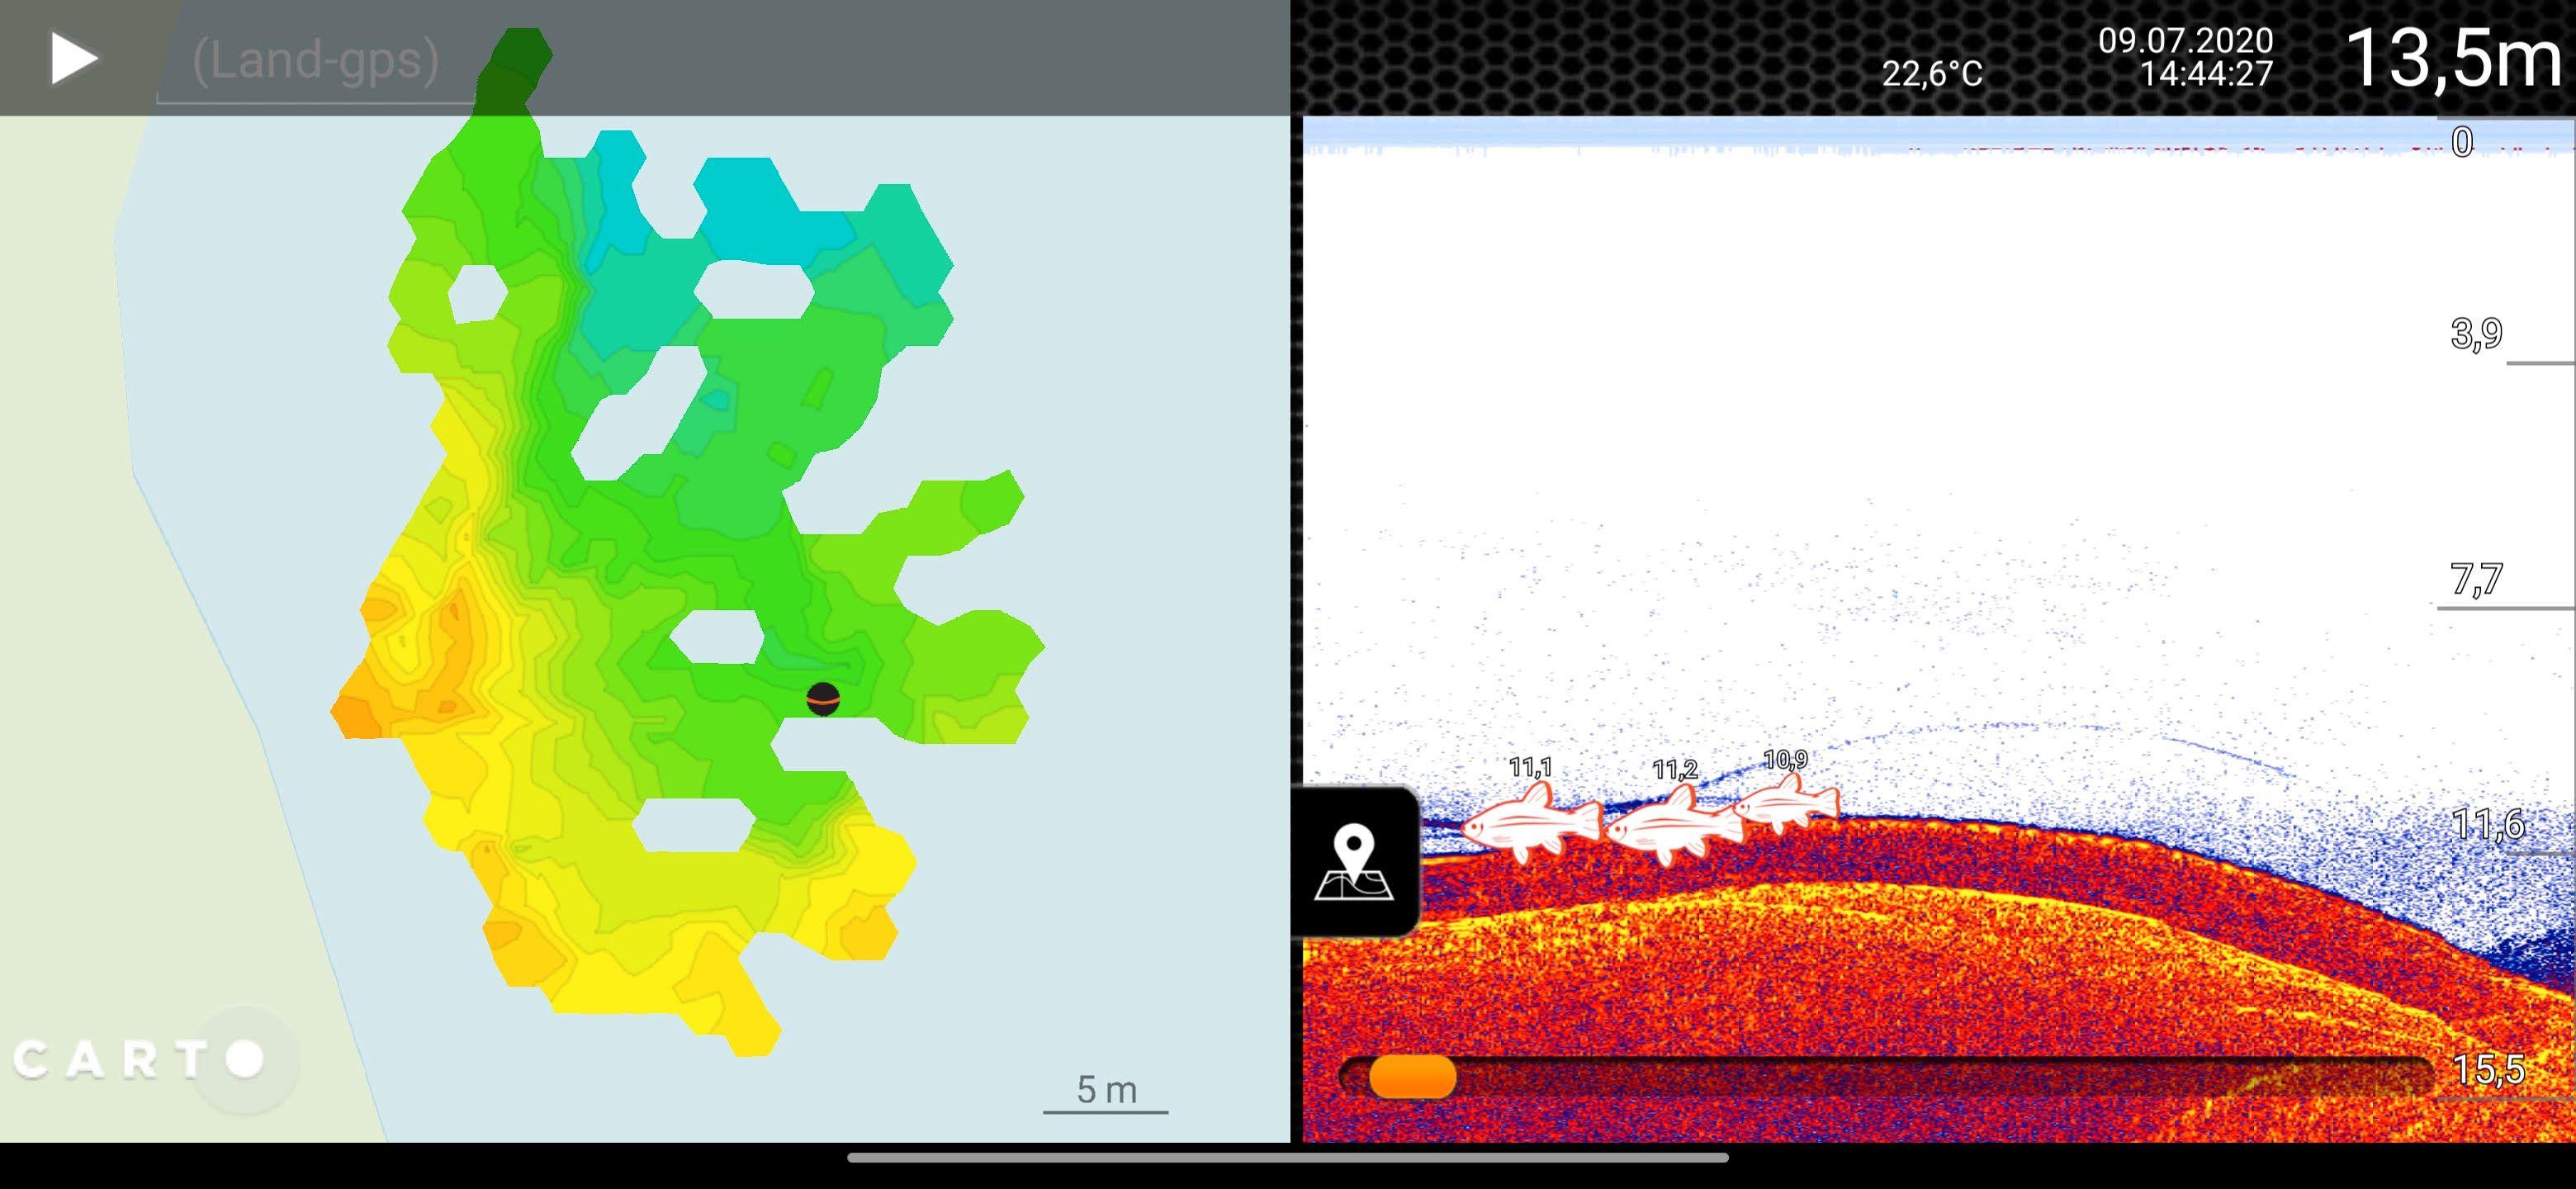 Appen gir deg informasjon om forholdene i vannet til høyre i skjermen, og tegner samtidig opp et dybdekart på den venstre.